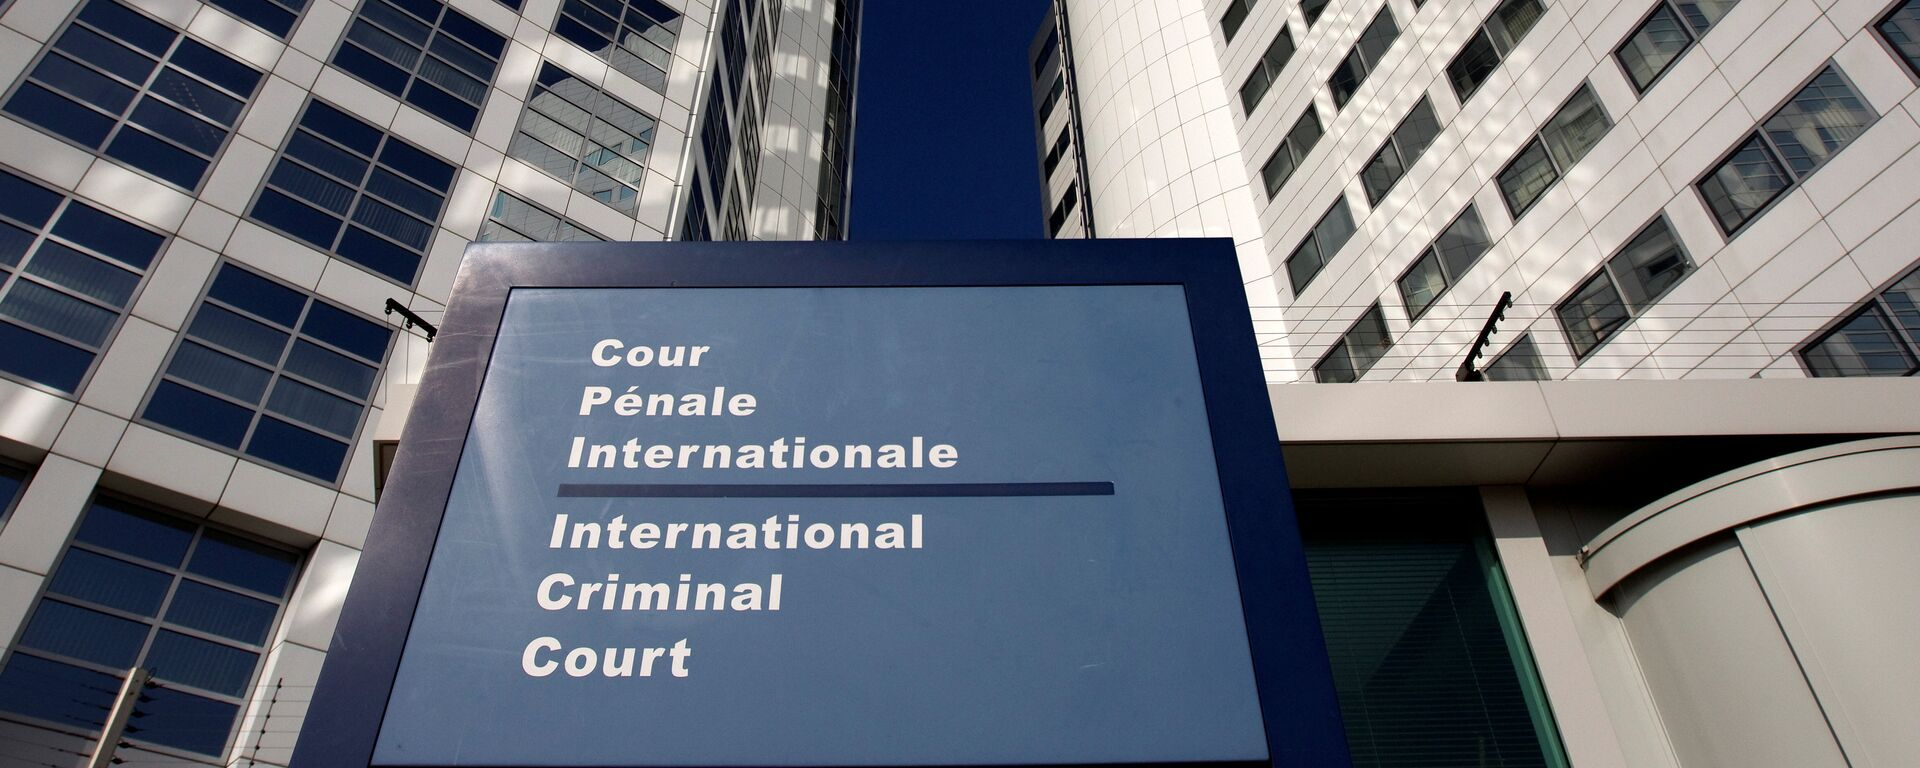 Corte Penal Internacional en la Haya - Sputnik Mundo, 1920, 18.05.2021